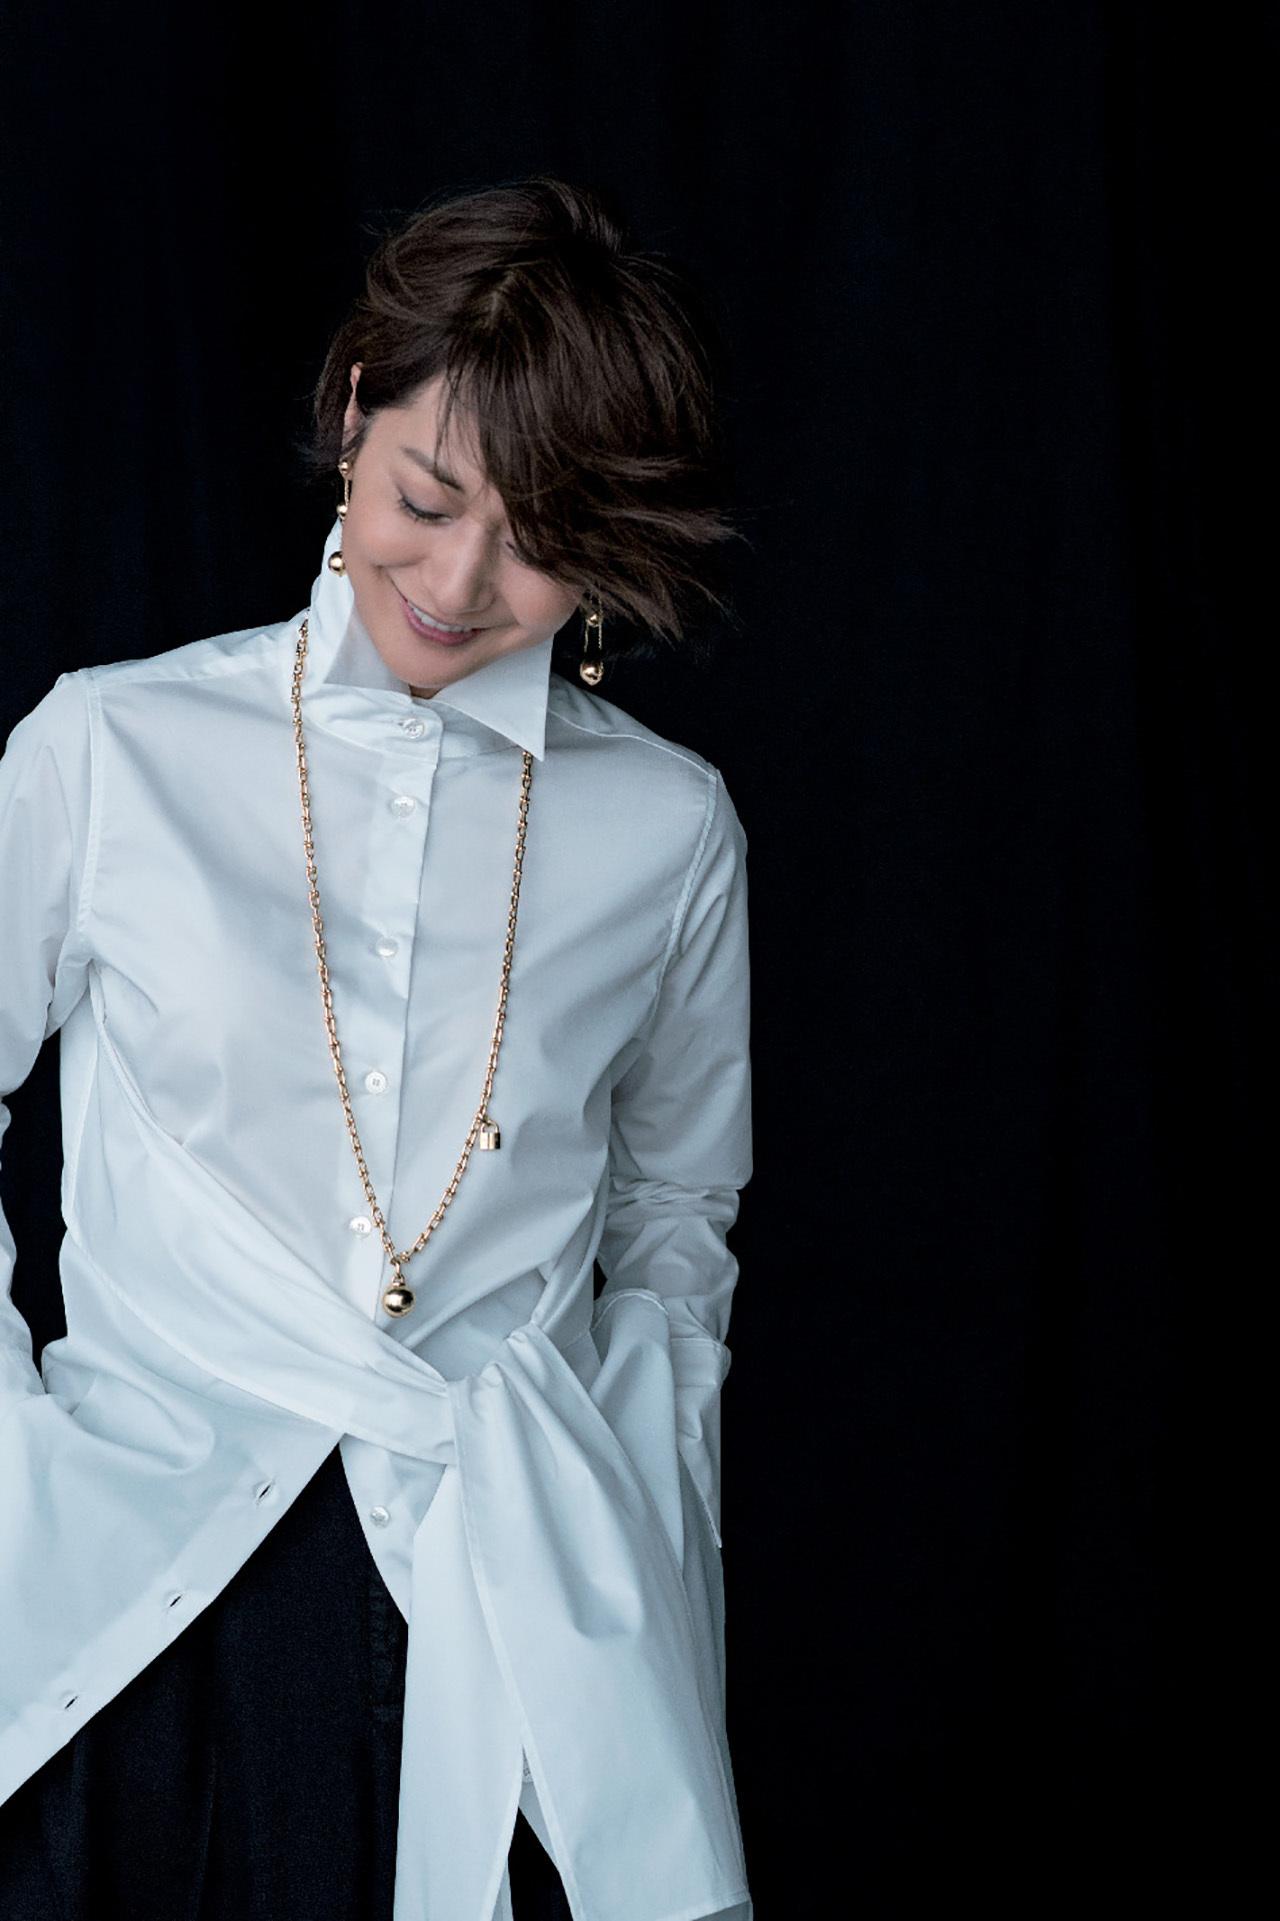 富岡佳子がまとう「白シャツにゴールドのジュエリー」 五選_1_1-2